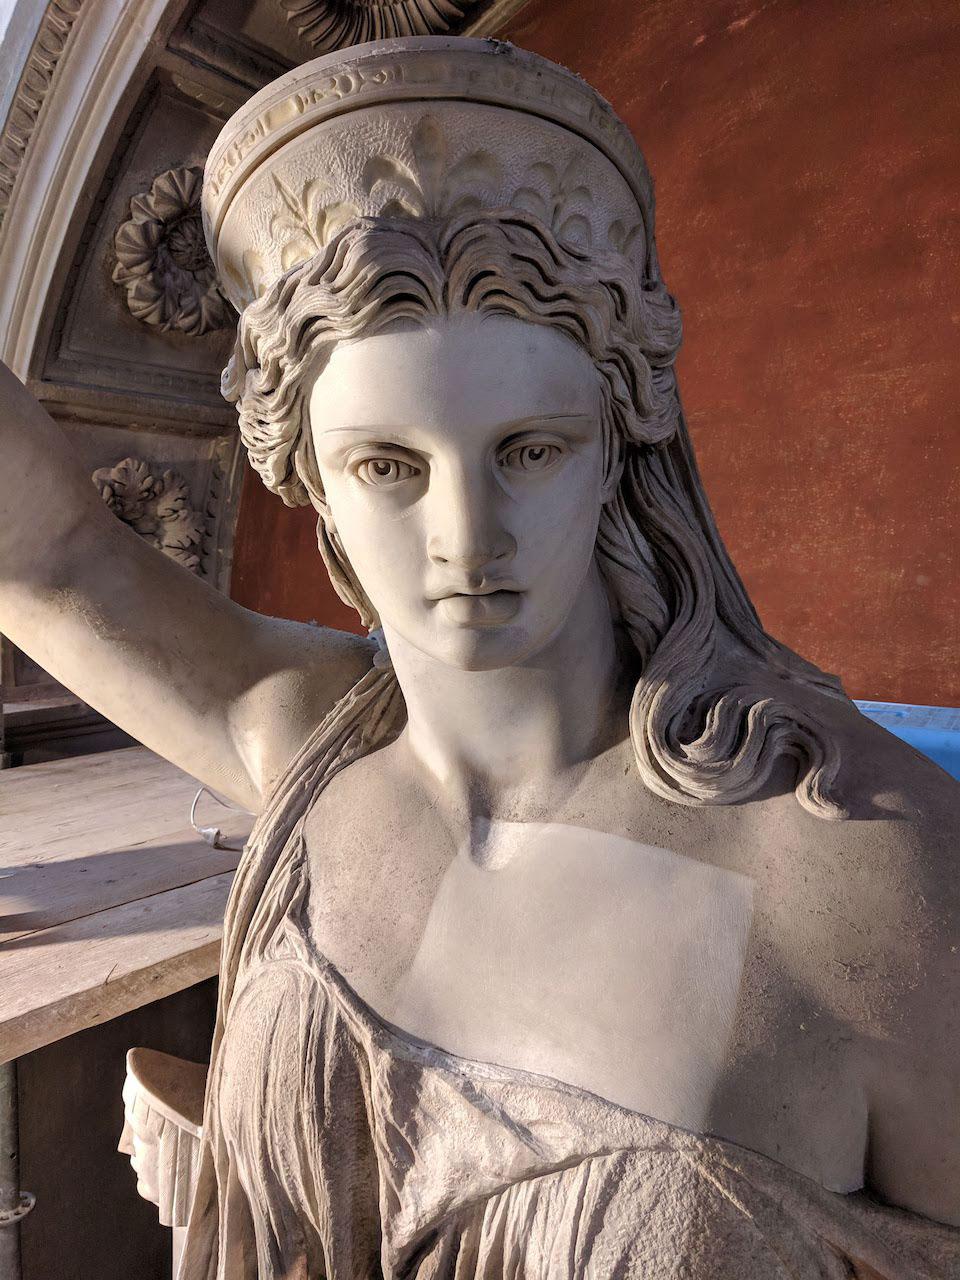 Restaurata la Libertà della Poesia, la statua che probabilmente ispirò la Statua della Libertà di New York